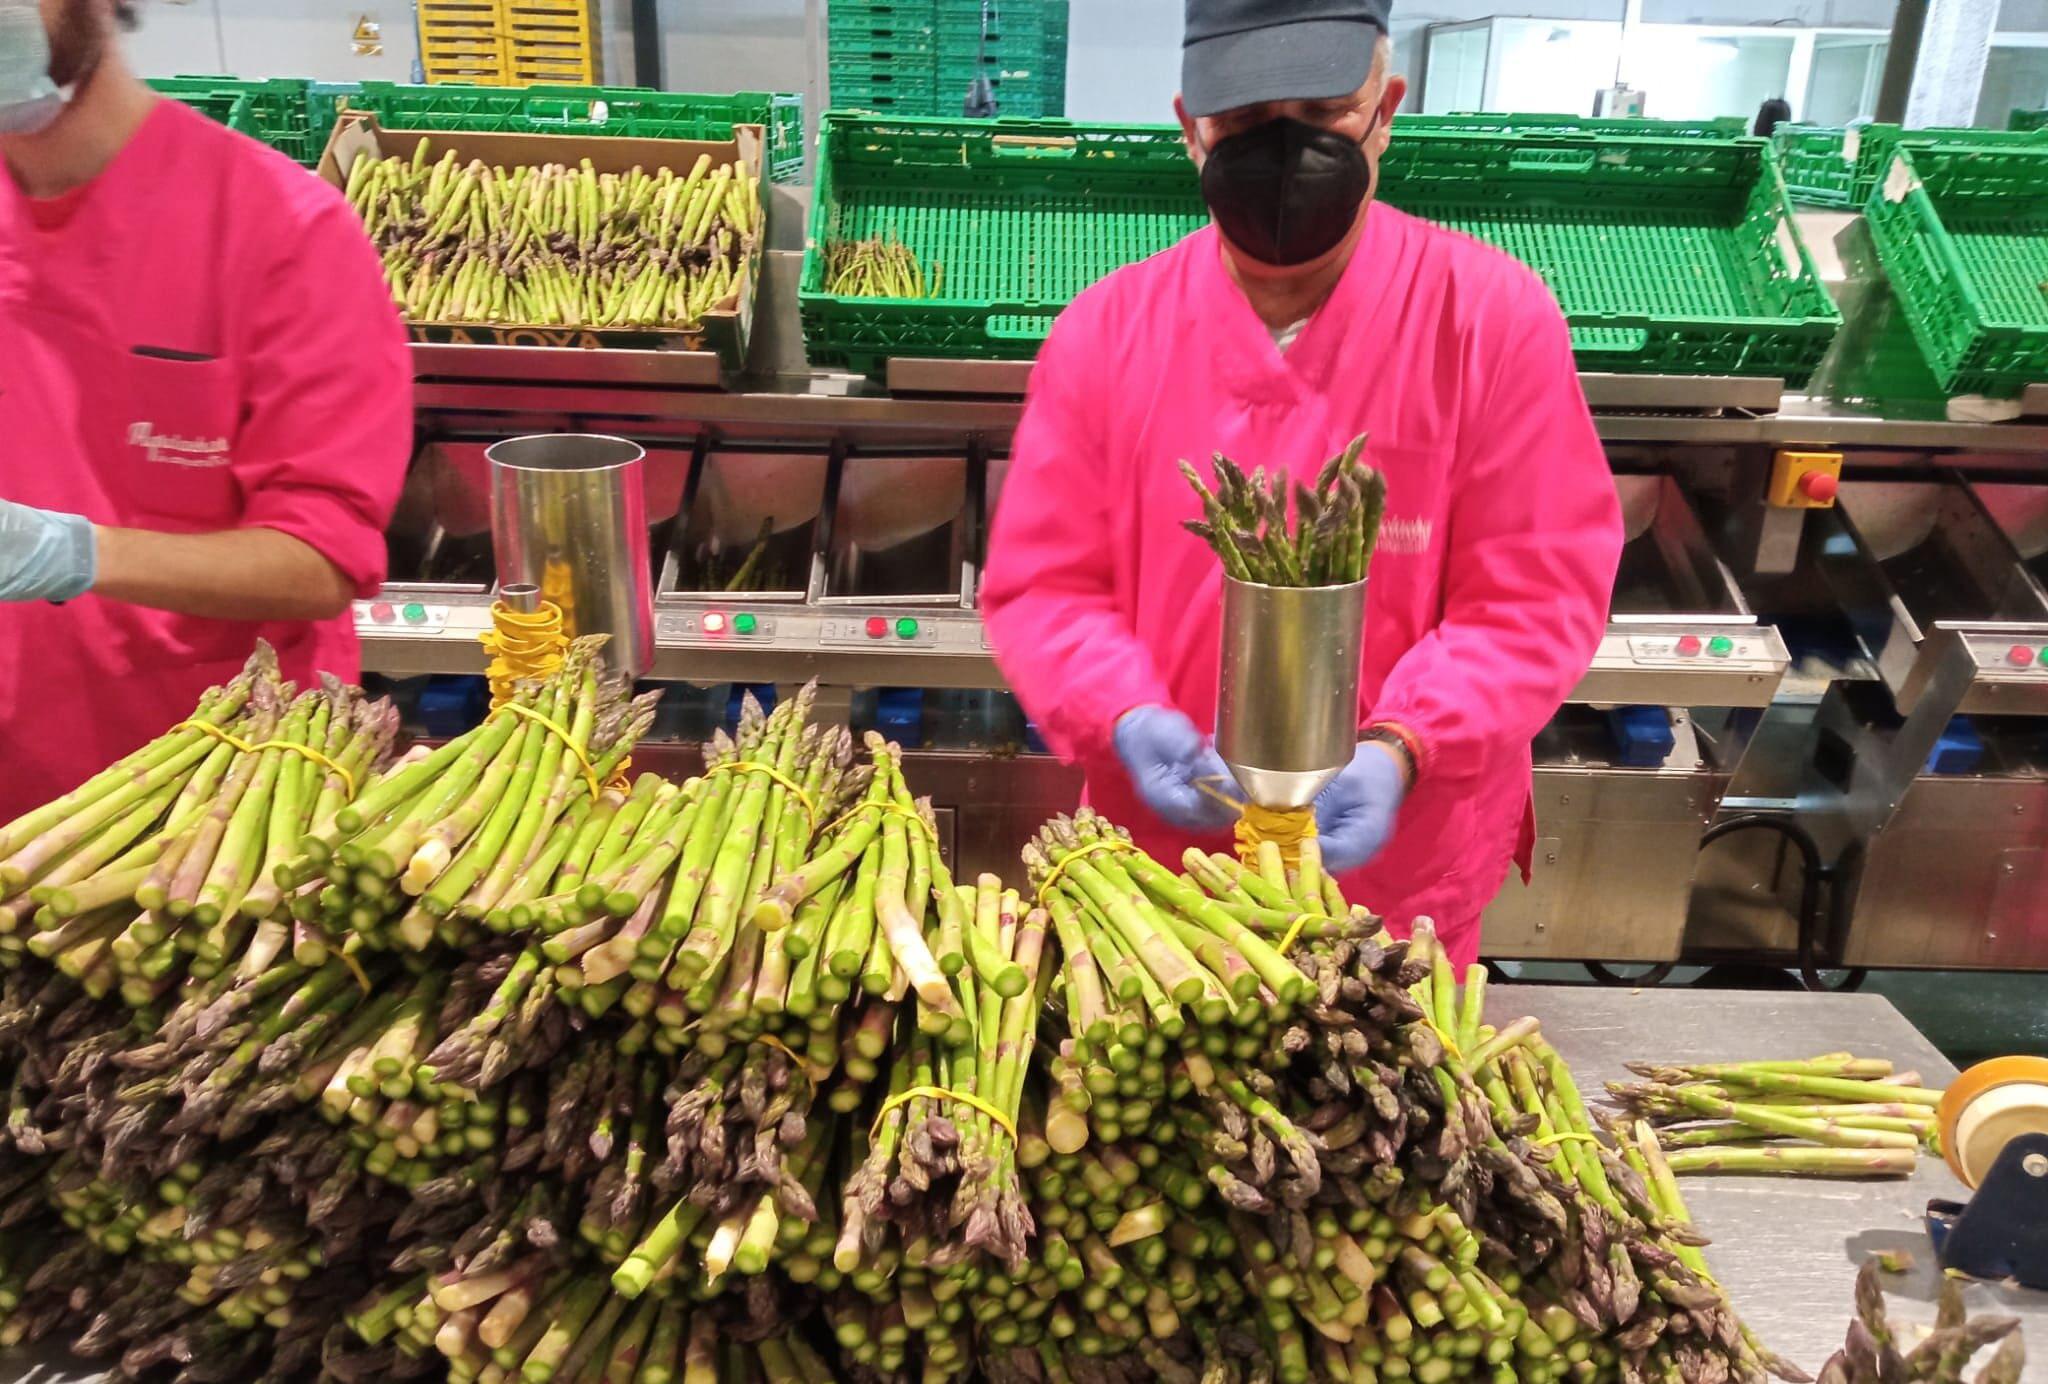 trabajador en las instalaciones de agrolachar trabajando el espárrago